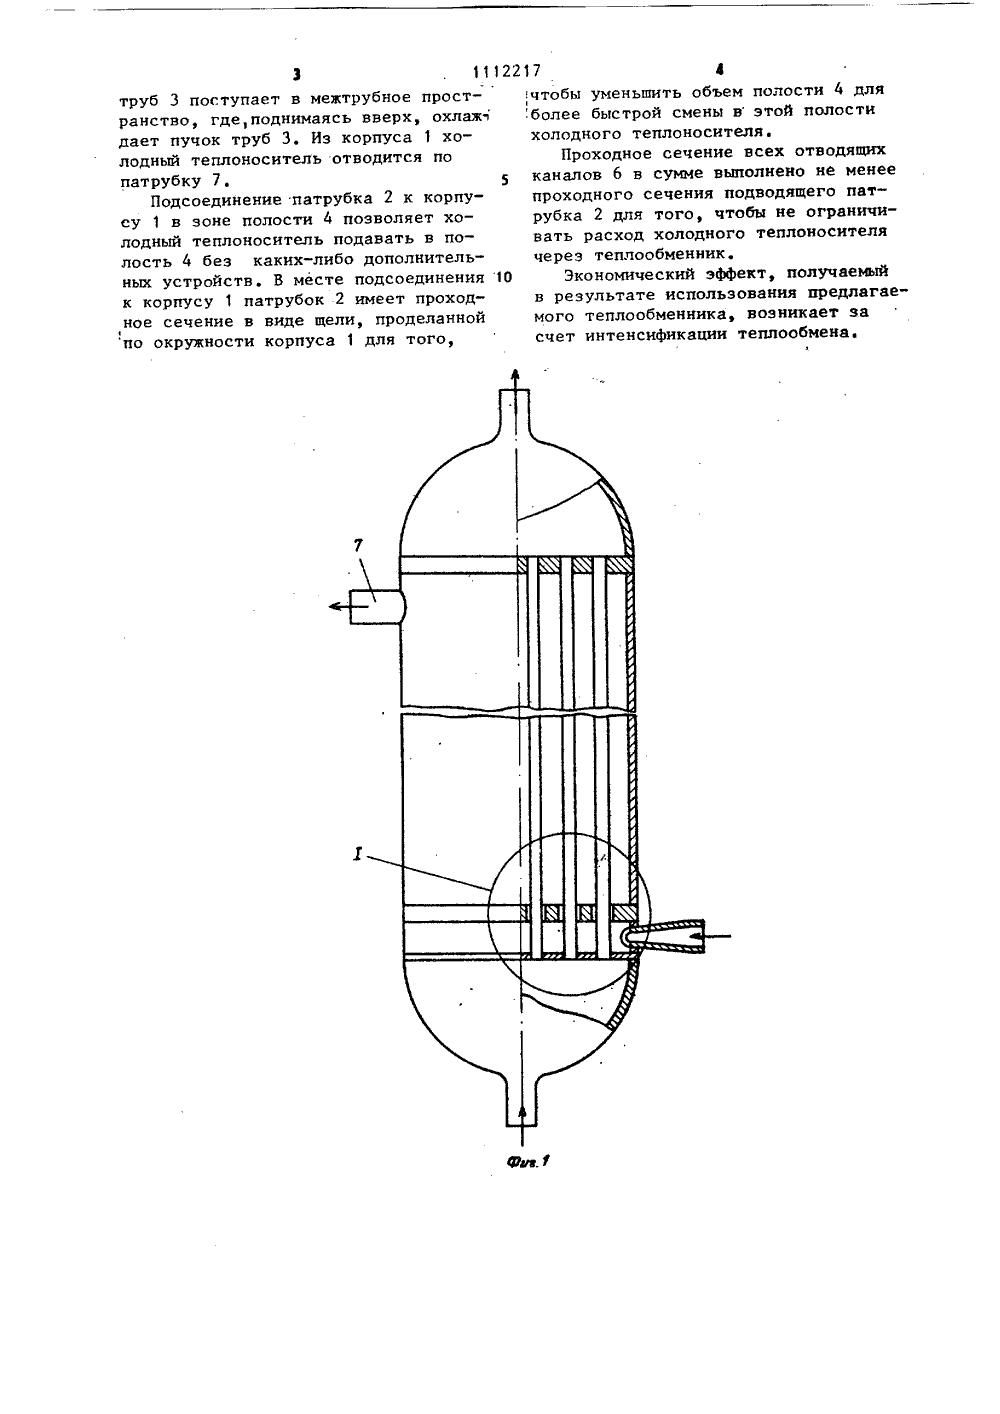 Сечение каналов теплообменника пластинчатый теплообменник m3